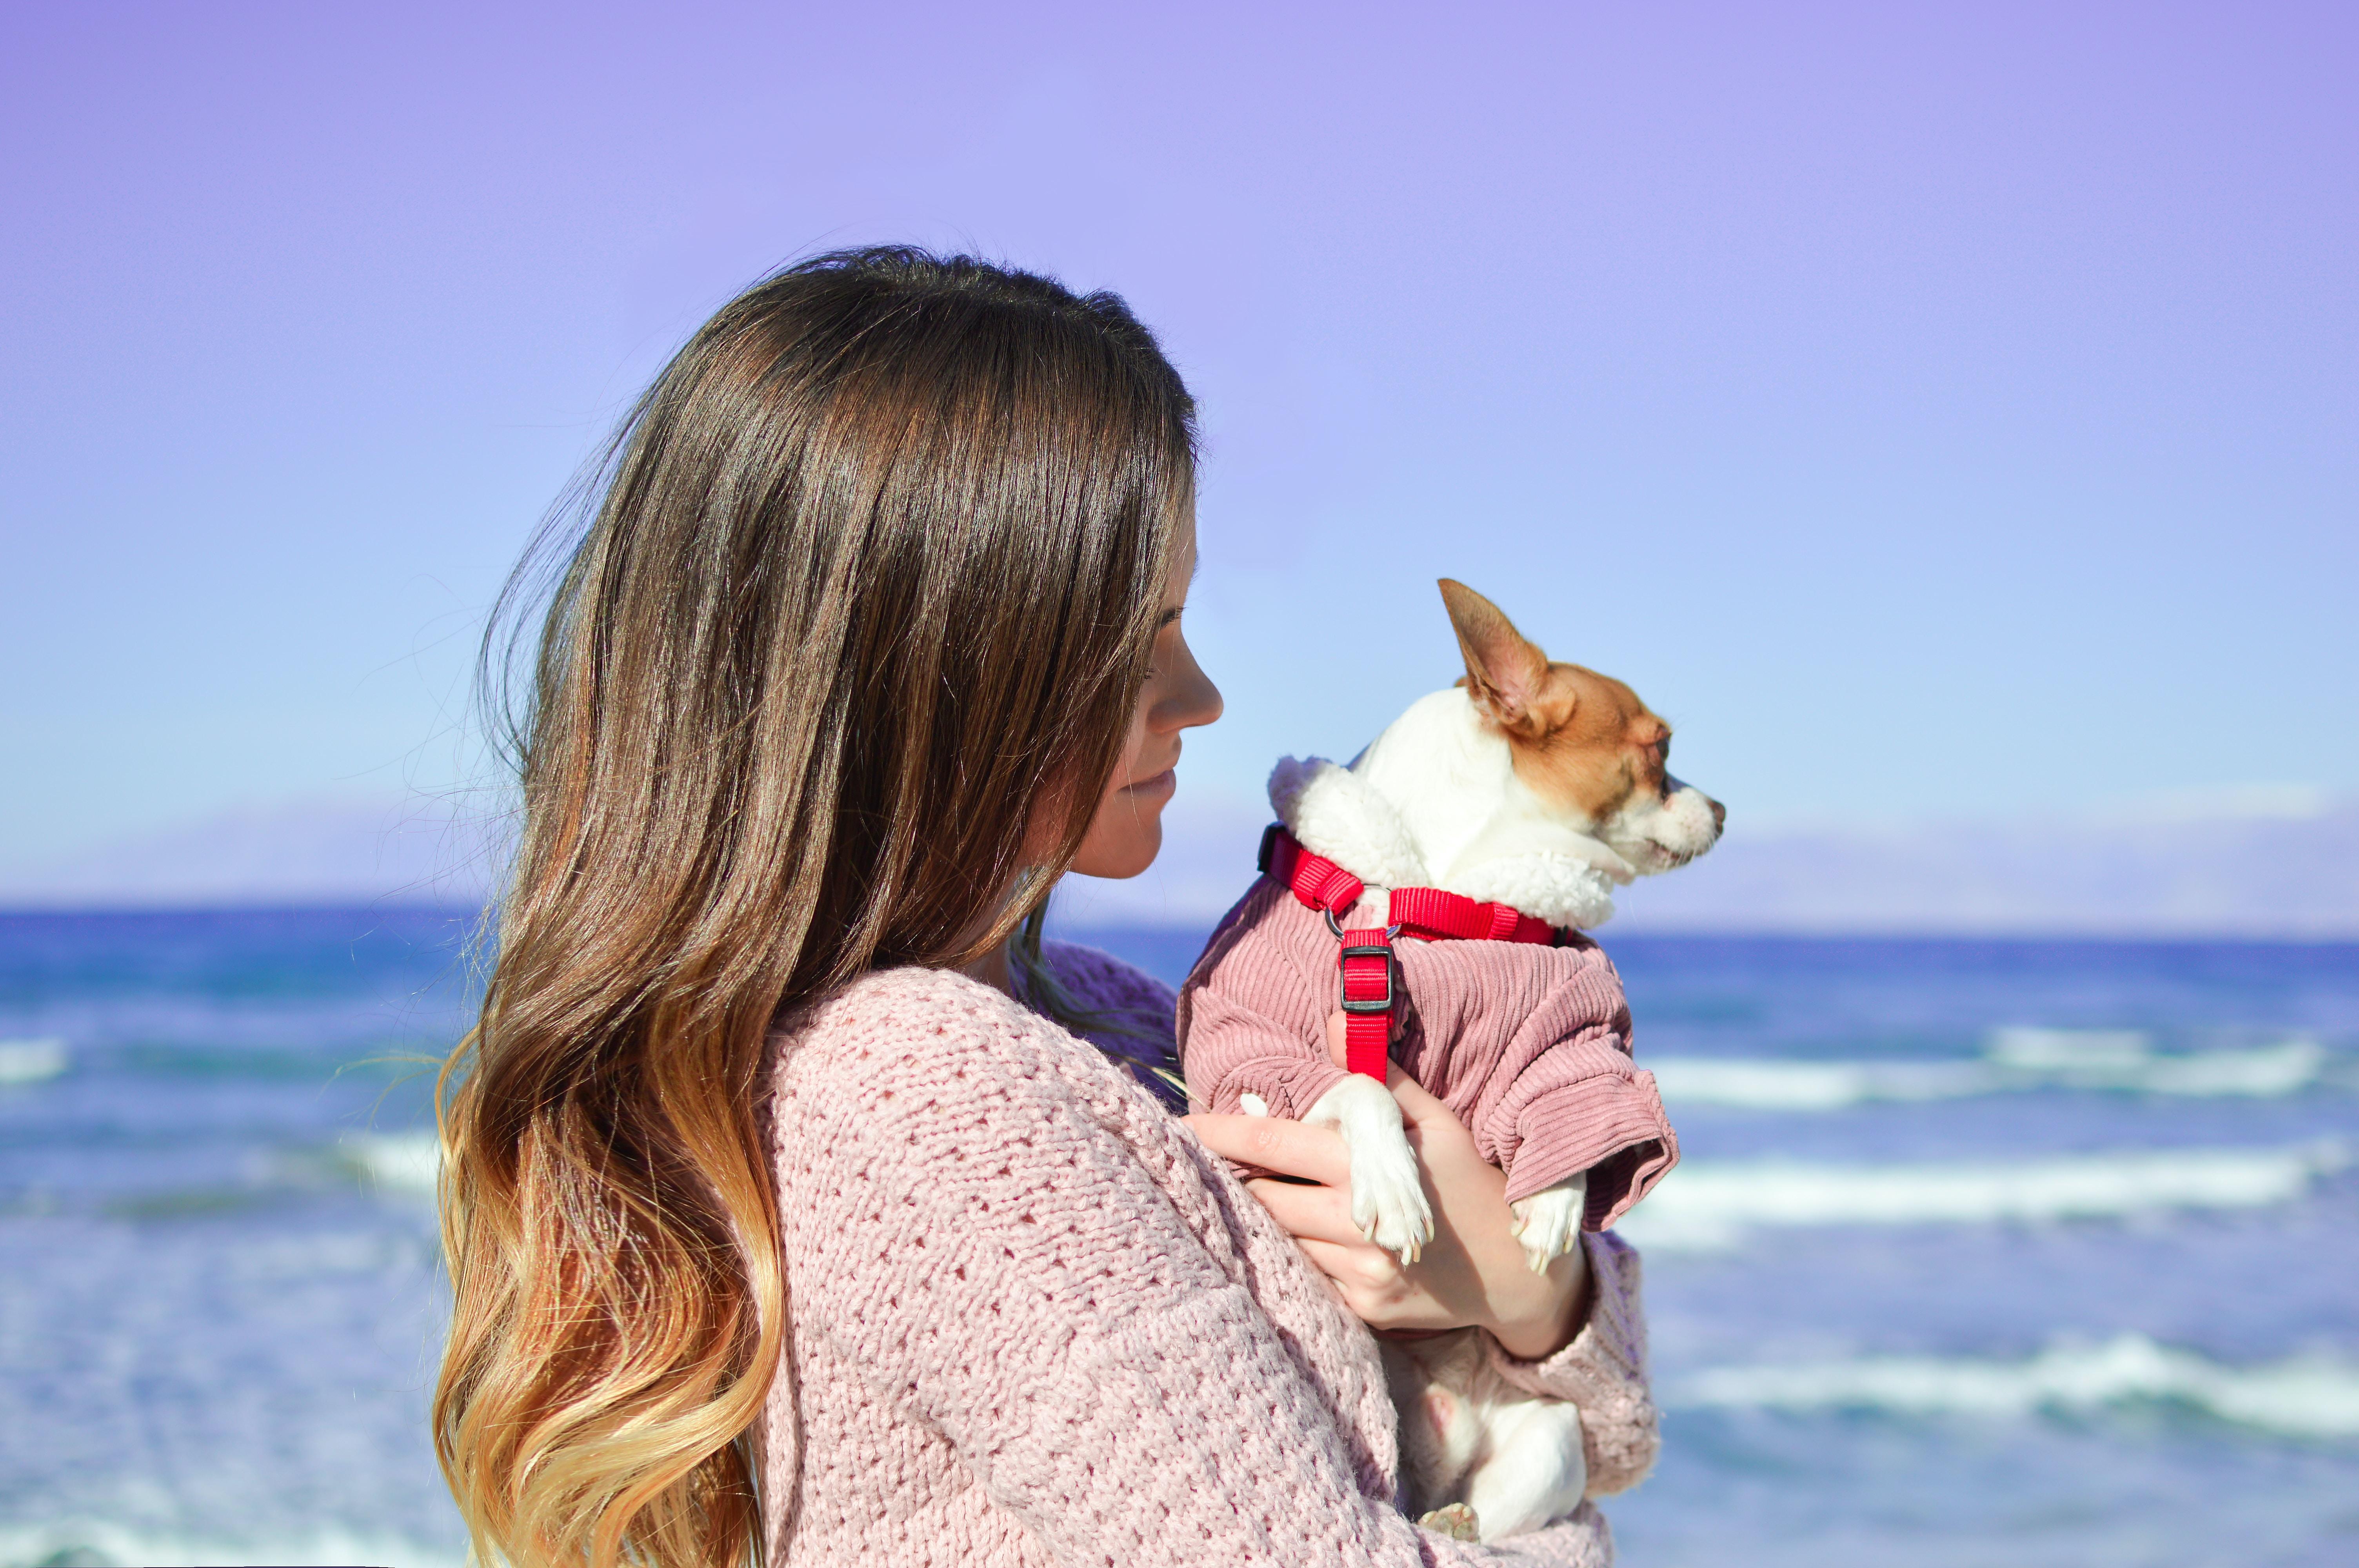 woman holding white dog on seashore